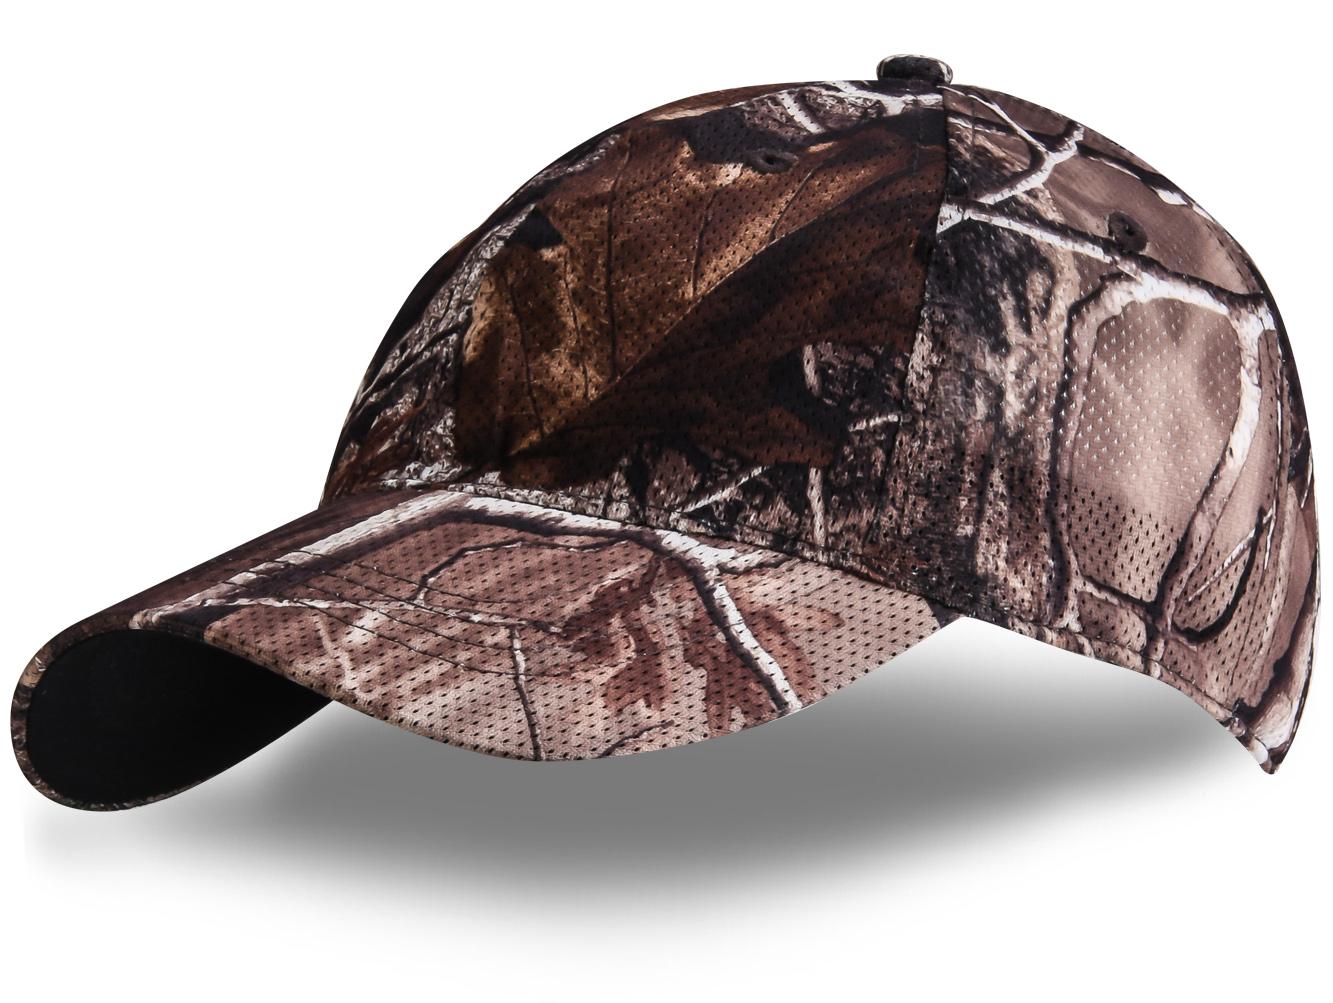 Камуфляжная кепка сеткой - купить в интернет-магазине с доставкой